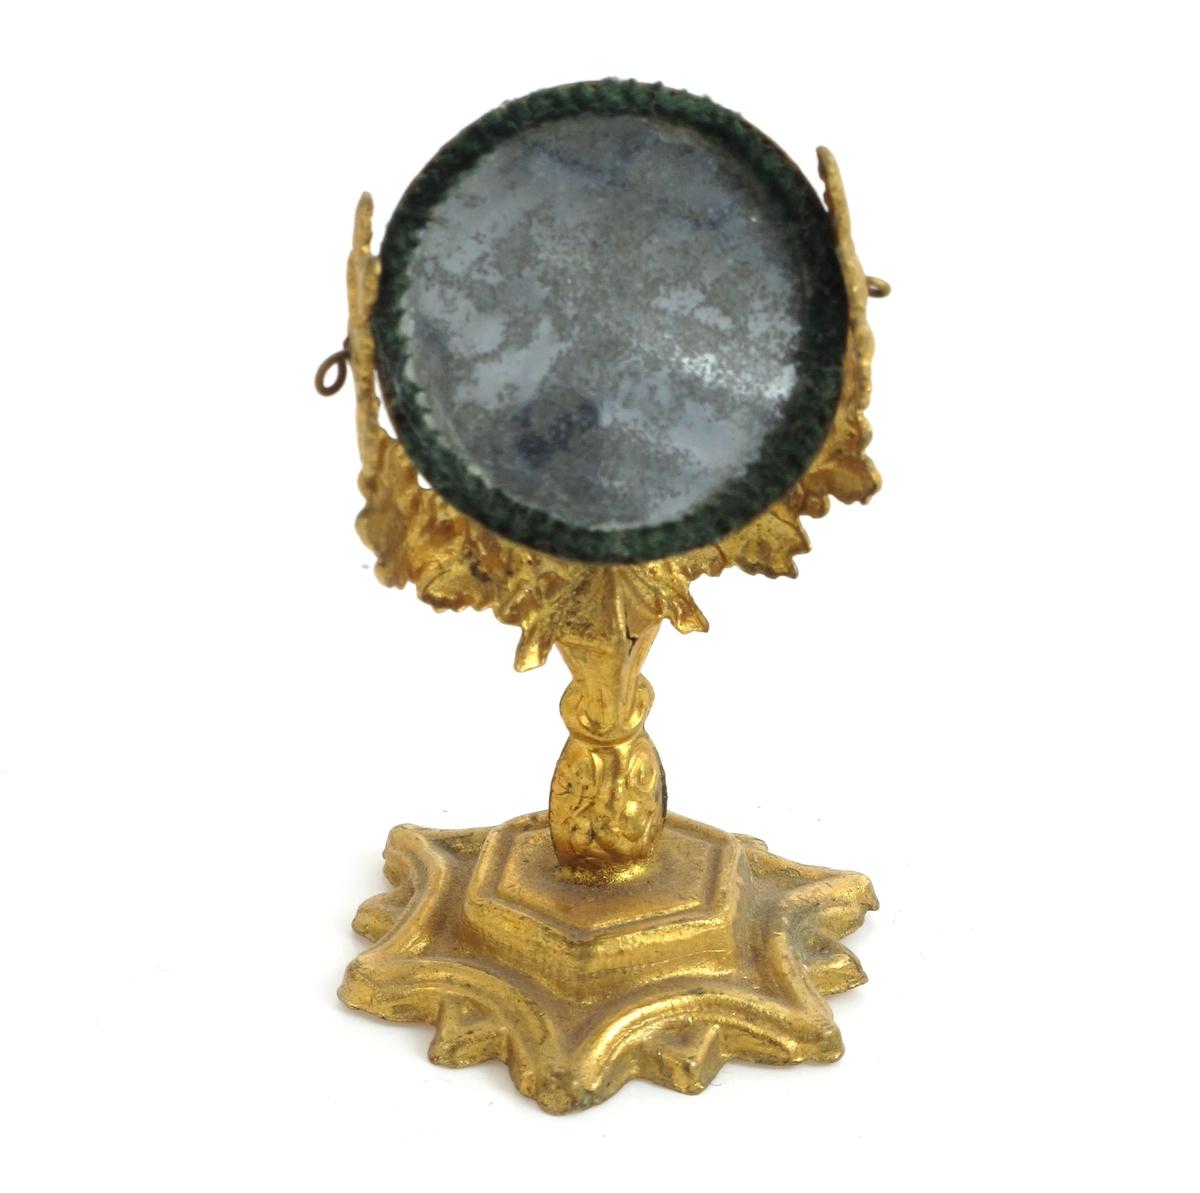 Toalettspeil, forgylt, stjerneformet fot, svingbart speil